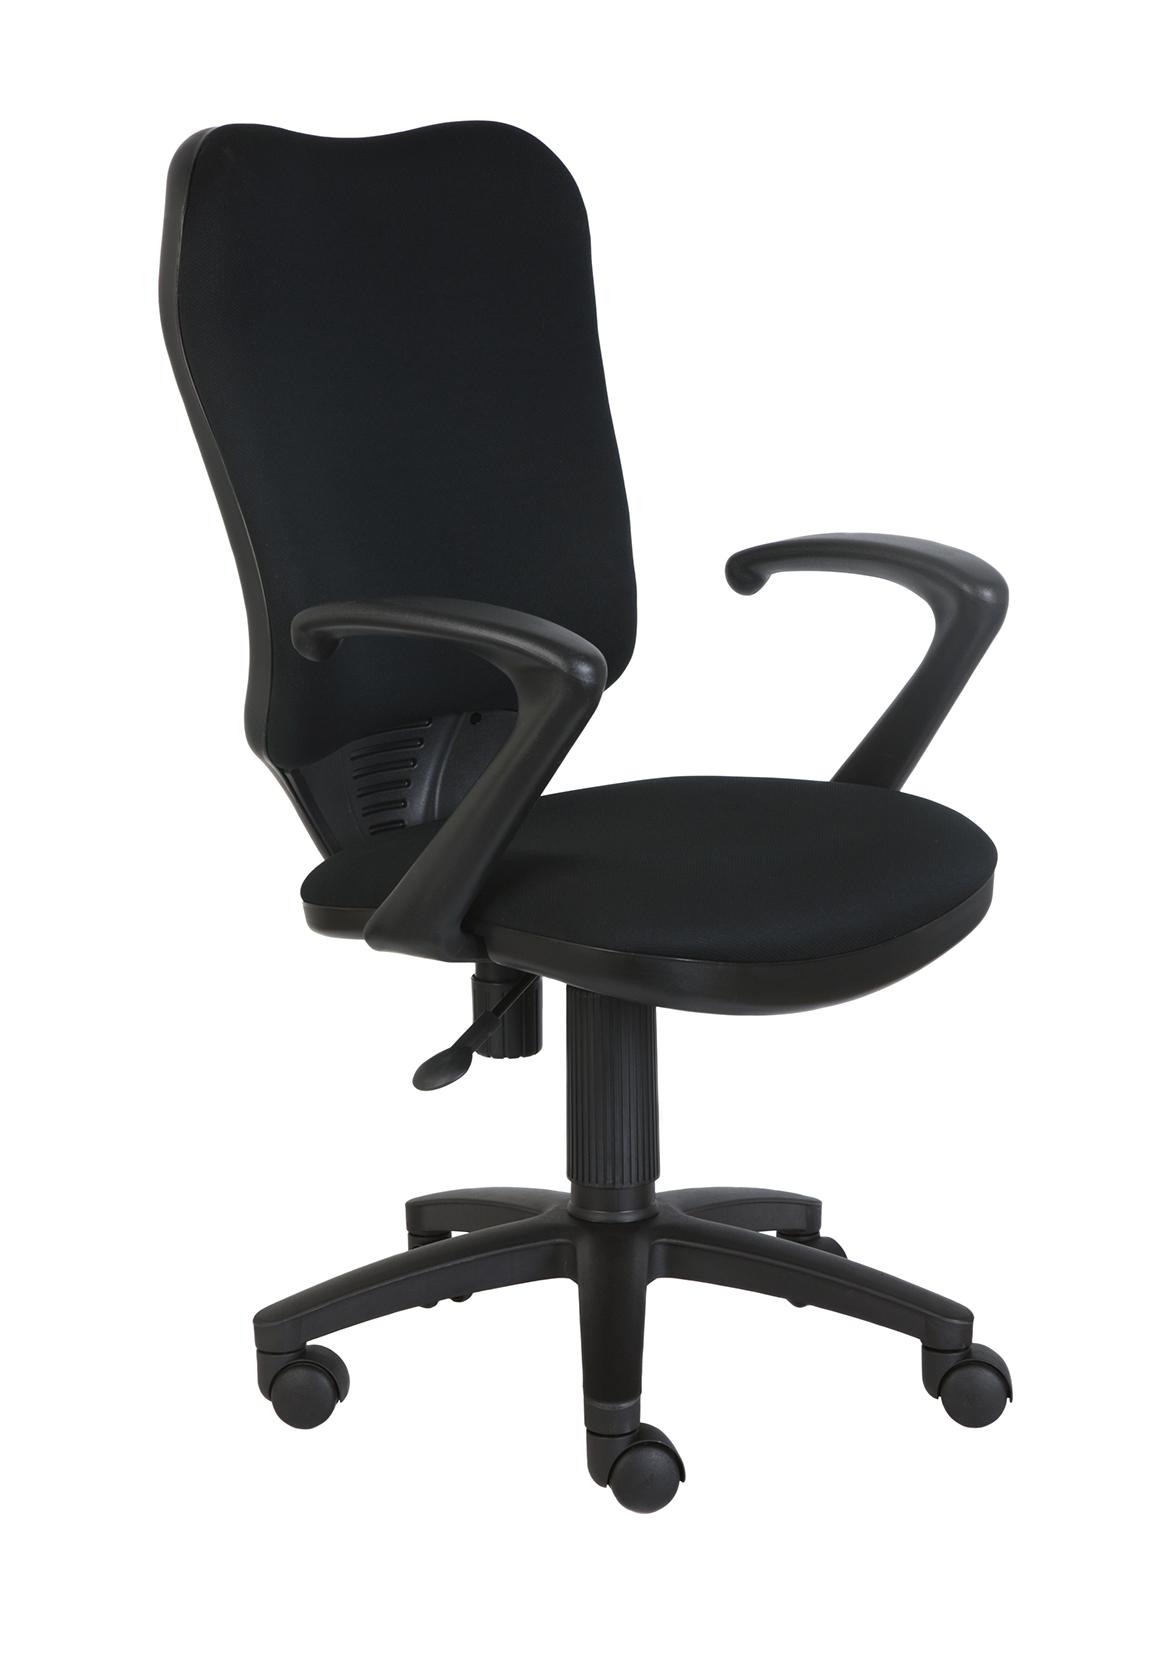 Офисное кресло на колесиках 147-14347